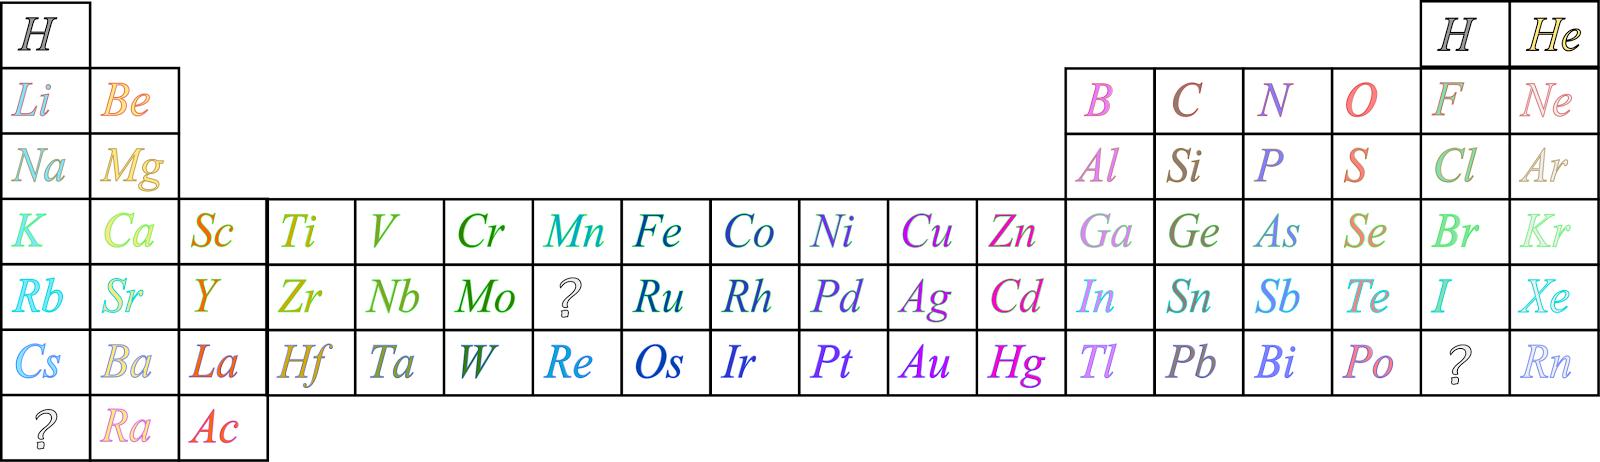 Ciencias de joseleg 2 historia de la tabla peridica pertenecan al grupo de los metales de transicin para la poca se pensaba que solo los lantnidos llegaban hasta el subnivel f de la tabla peridica urtaz Gallery